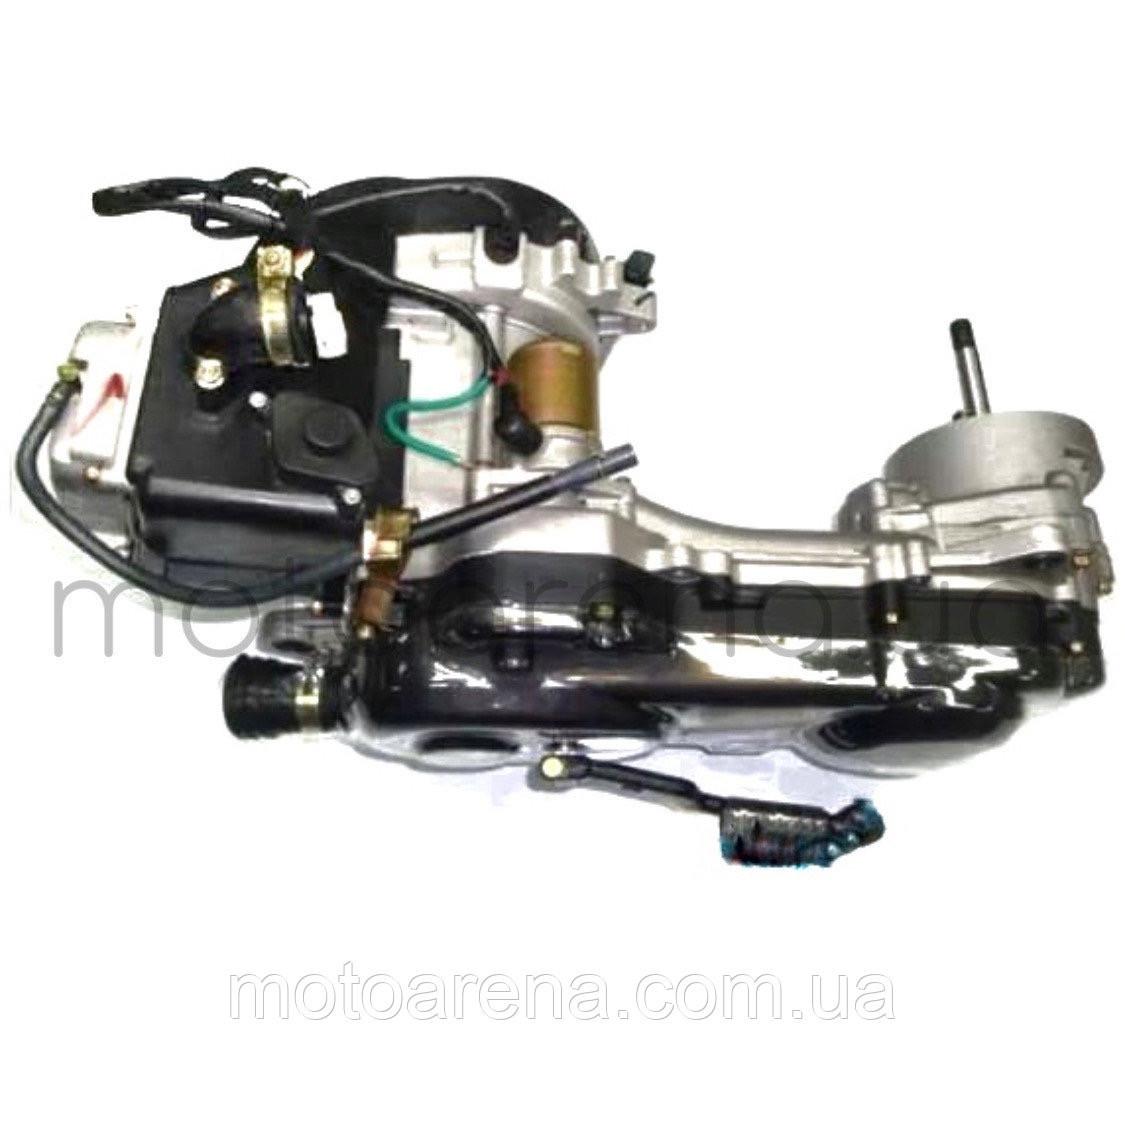 Двигун GY6-80-12